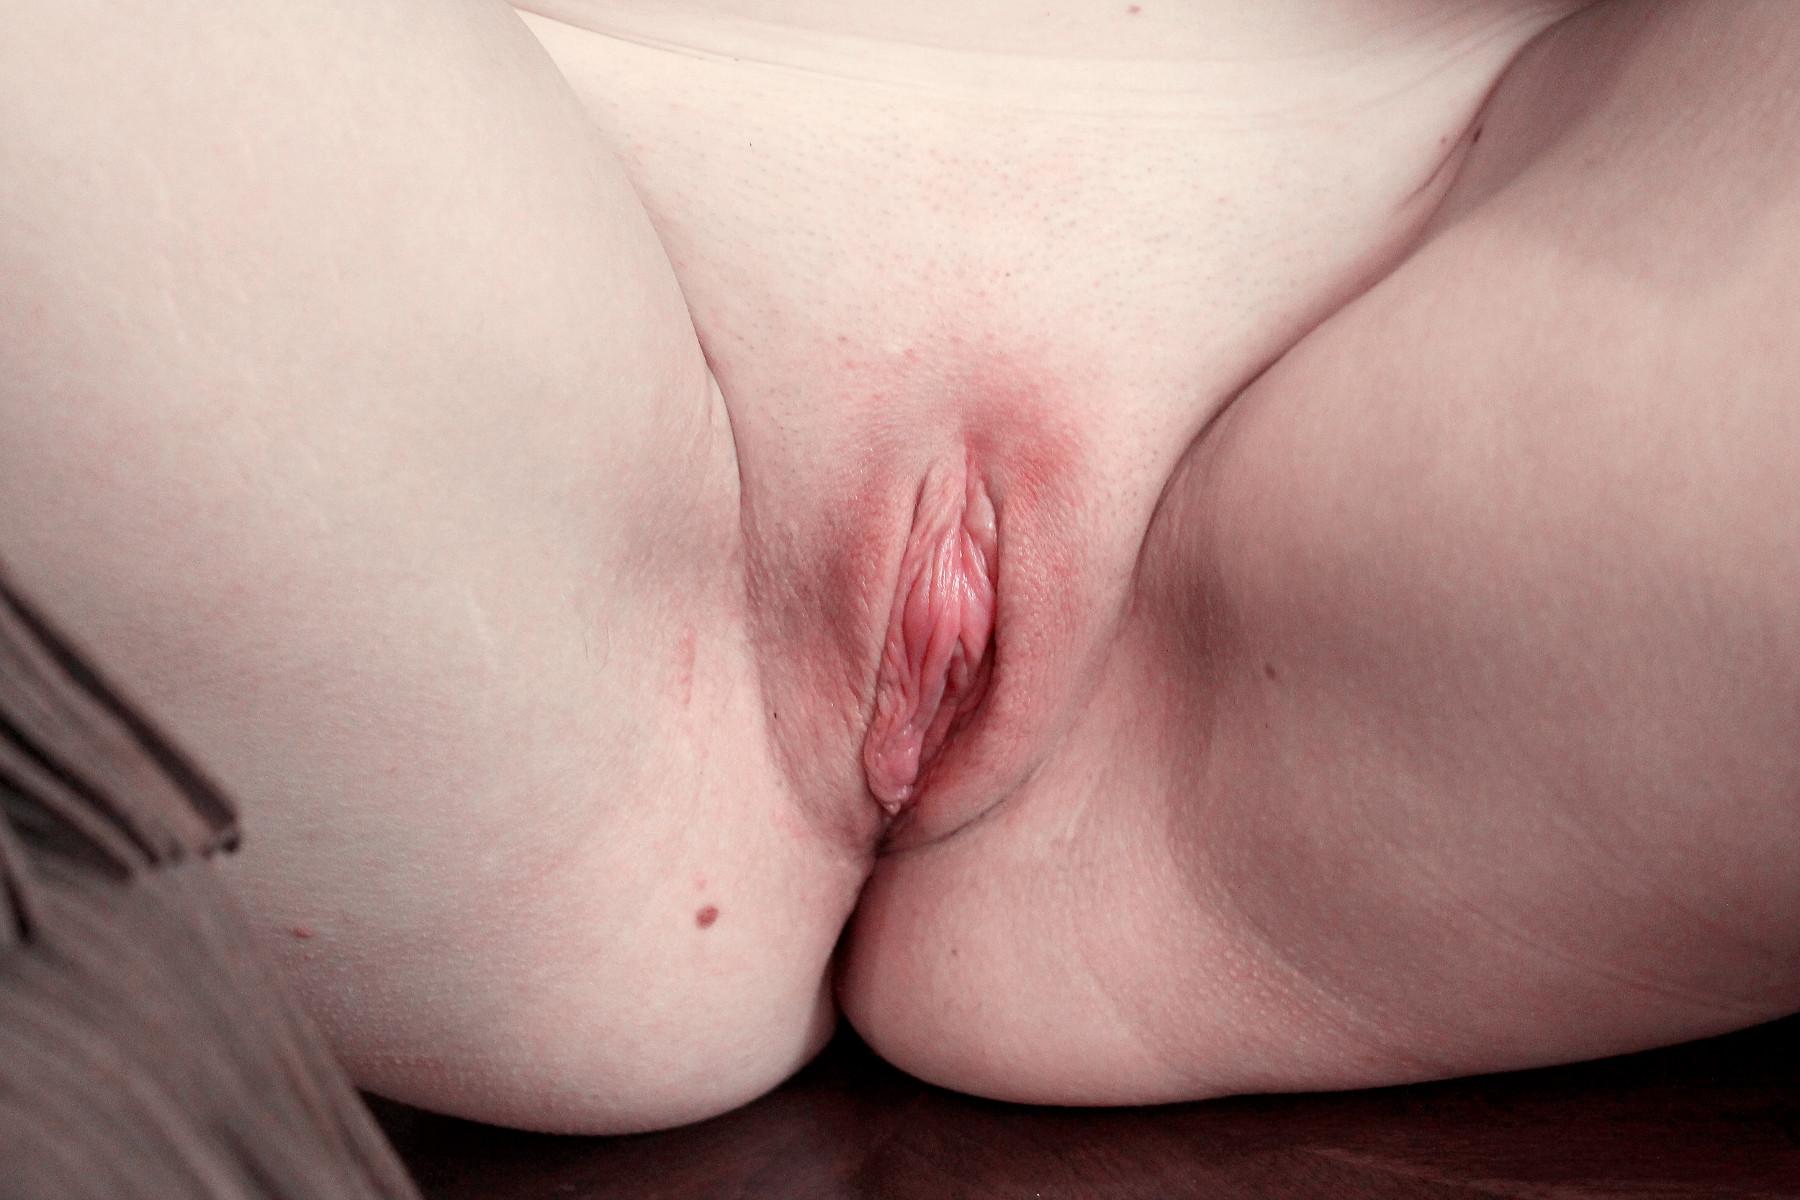 Pussy spread apart photos photos